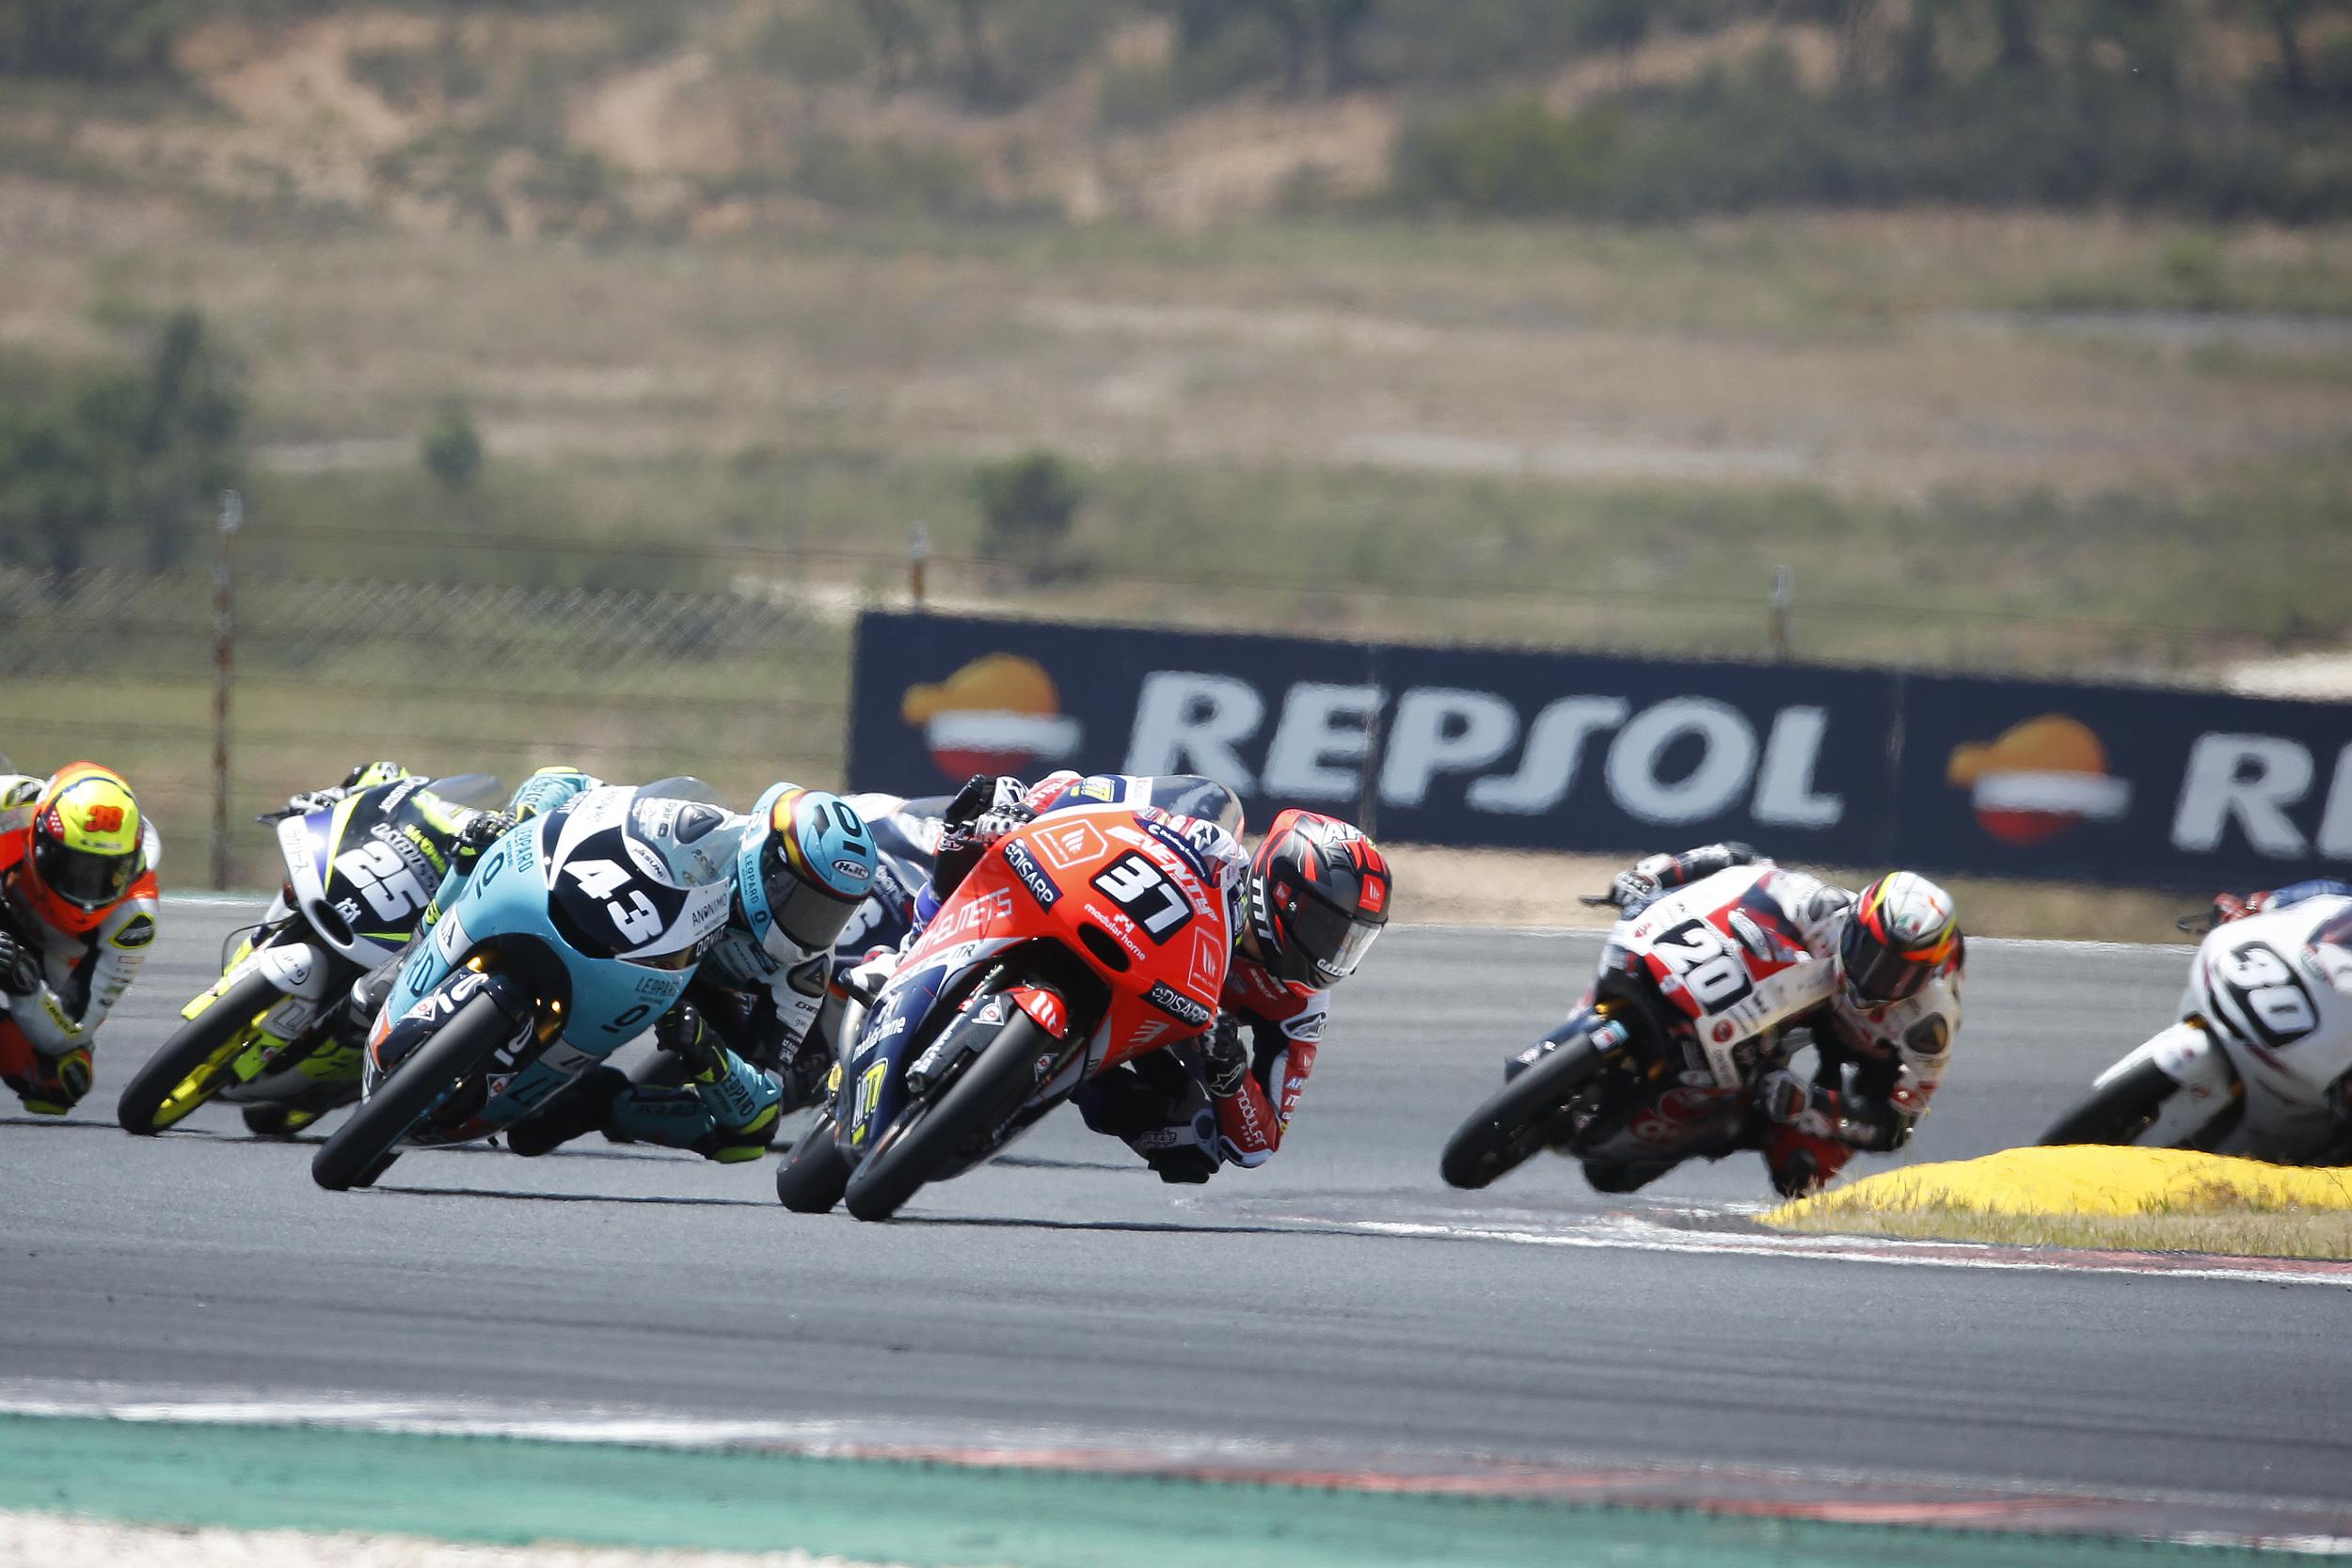 Horarios de la tercera ronda del FIM CEV Repsol: Jerez